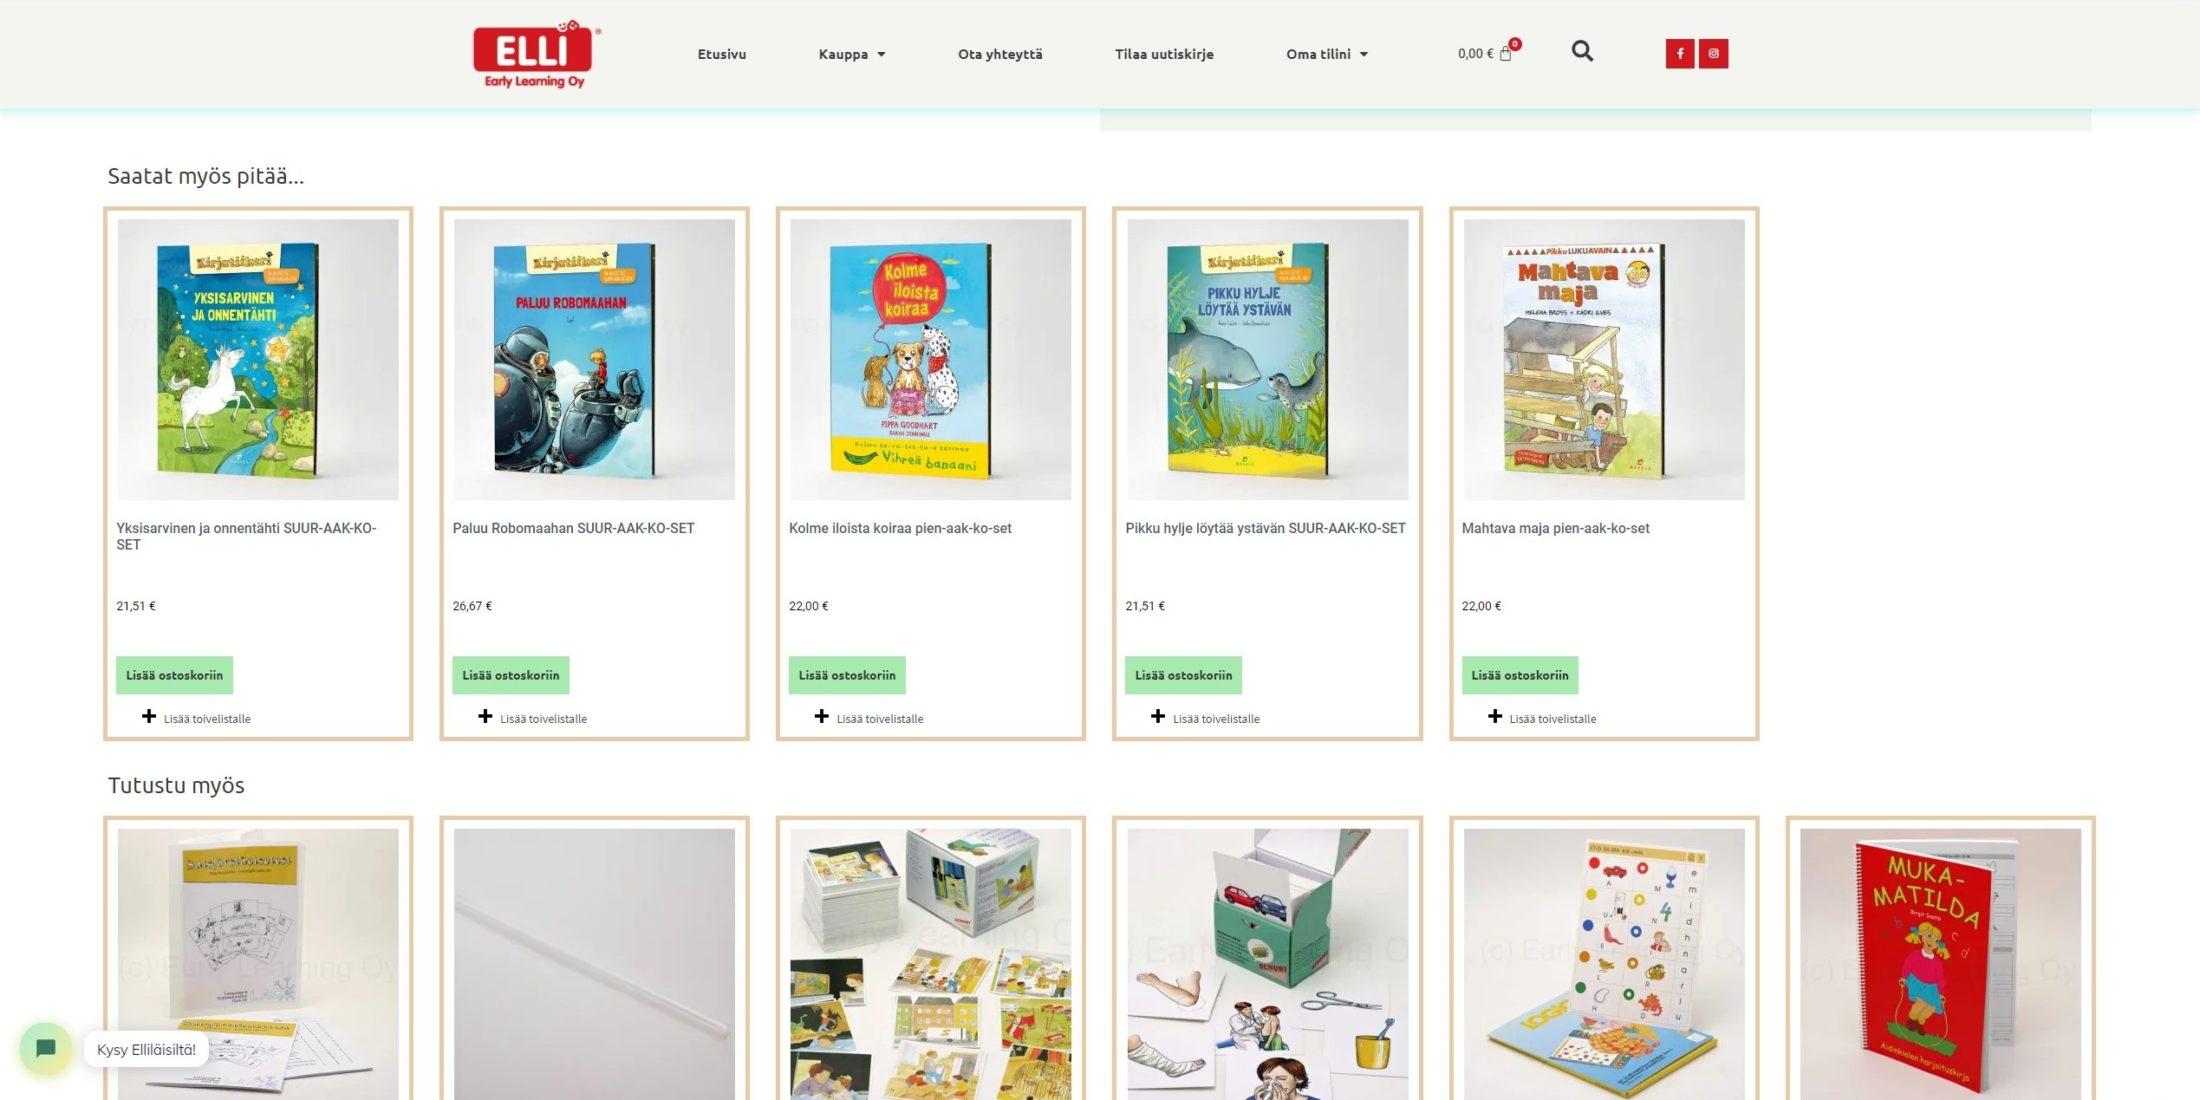 ELLIn verkkokaupan suositeltujen tuotteiden kuva